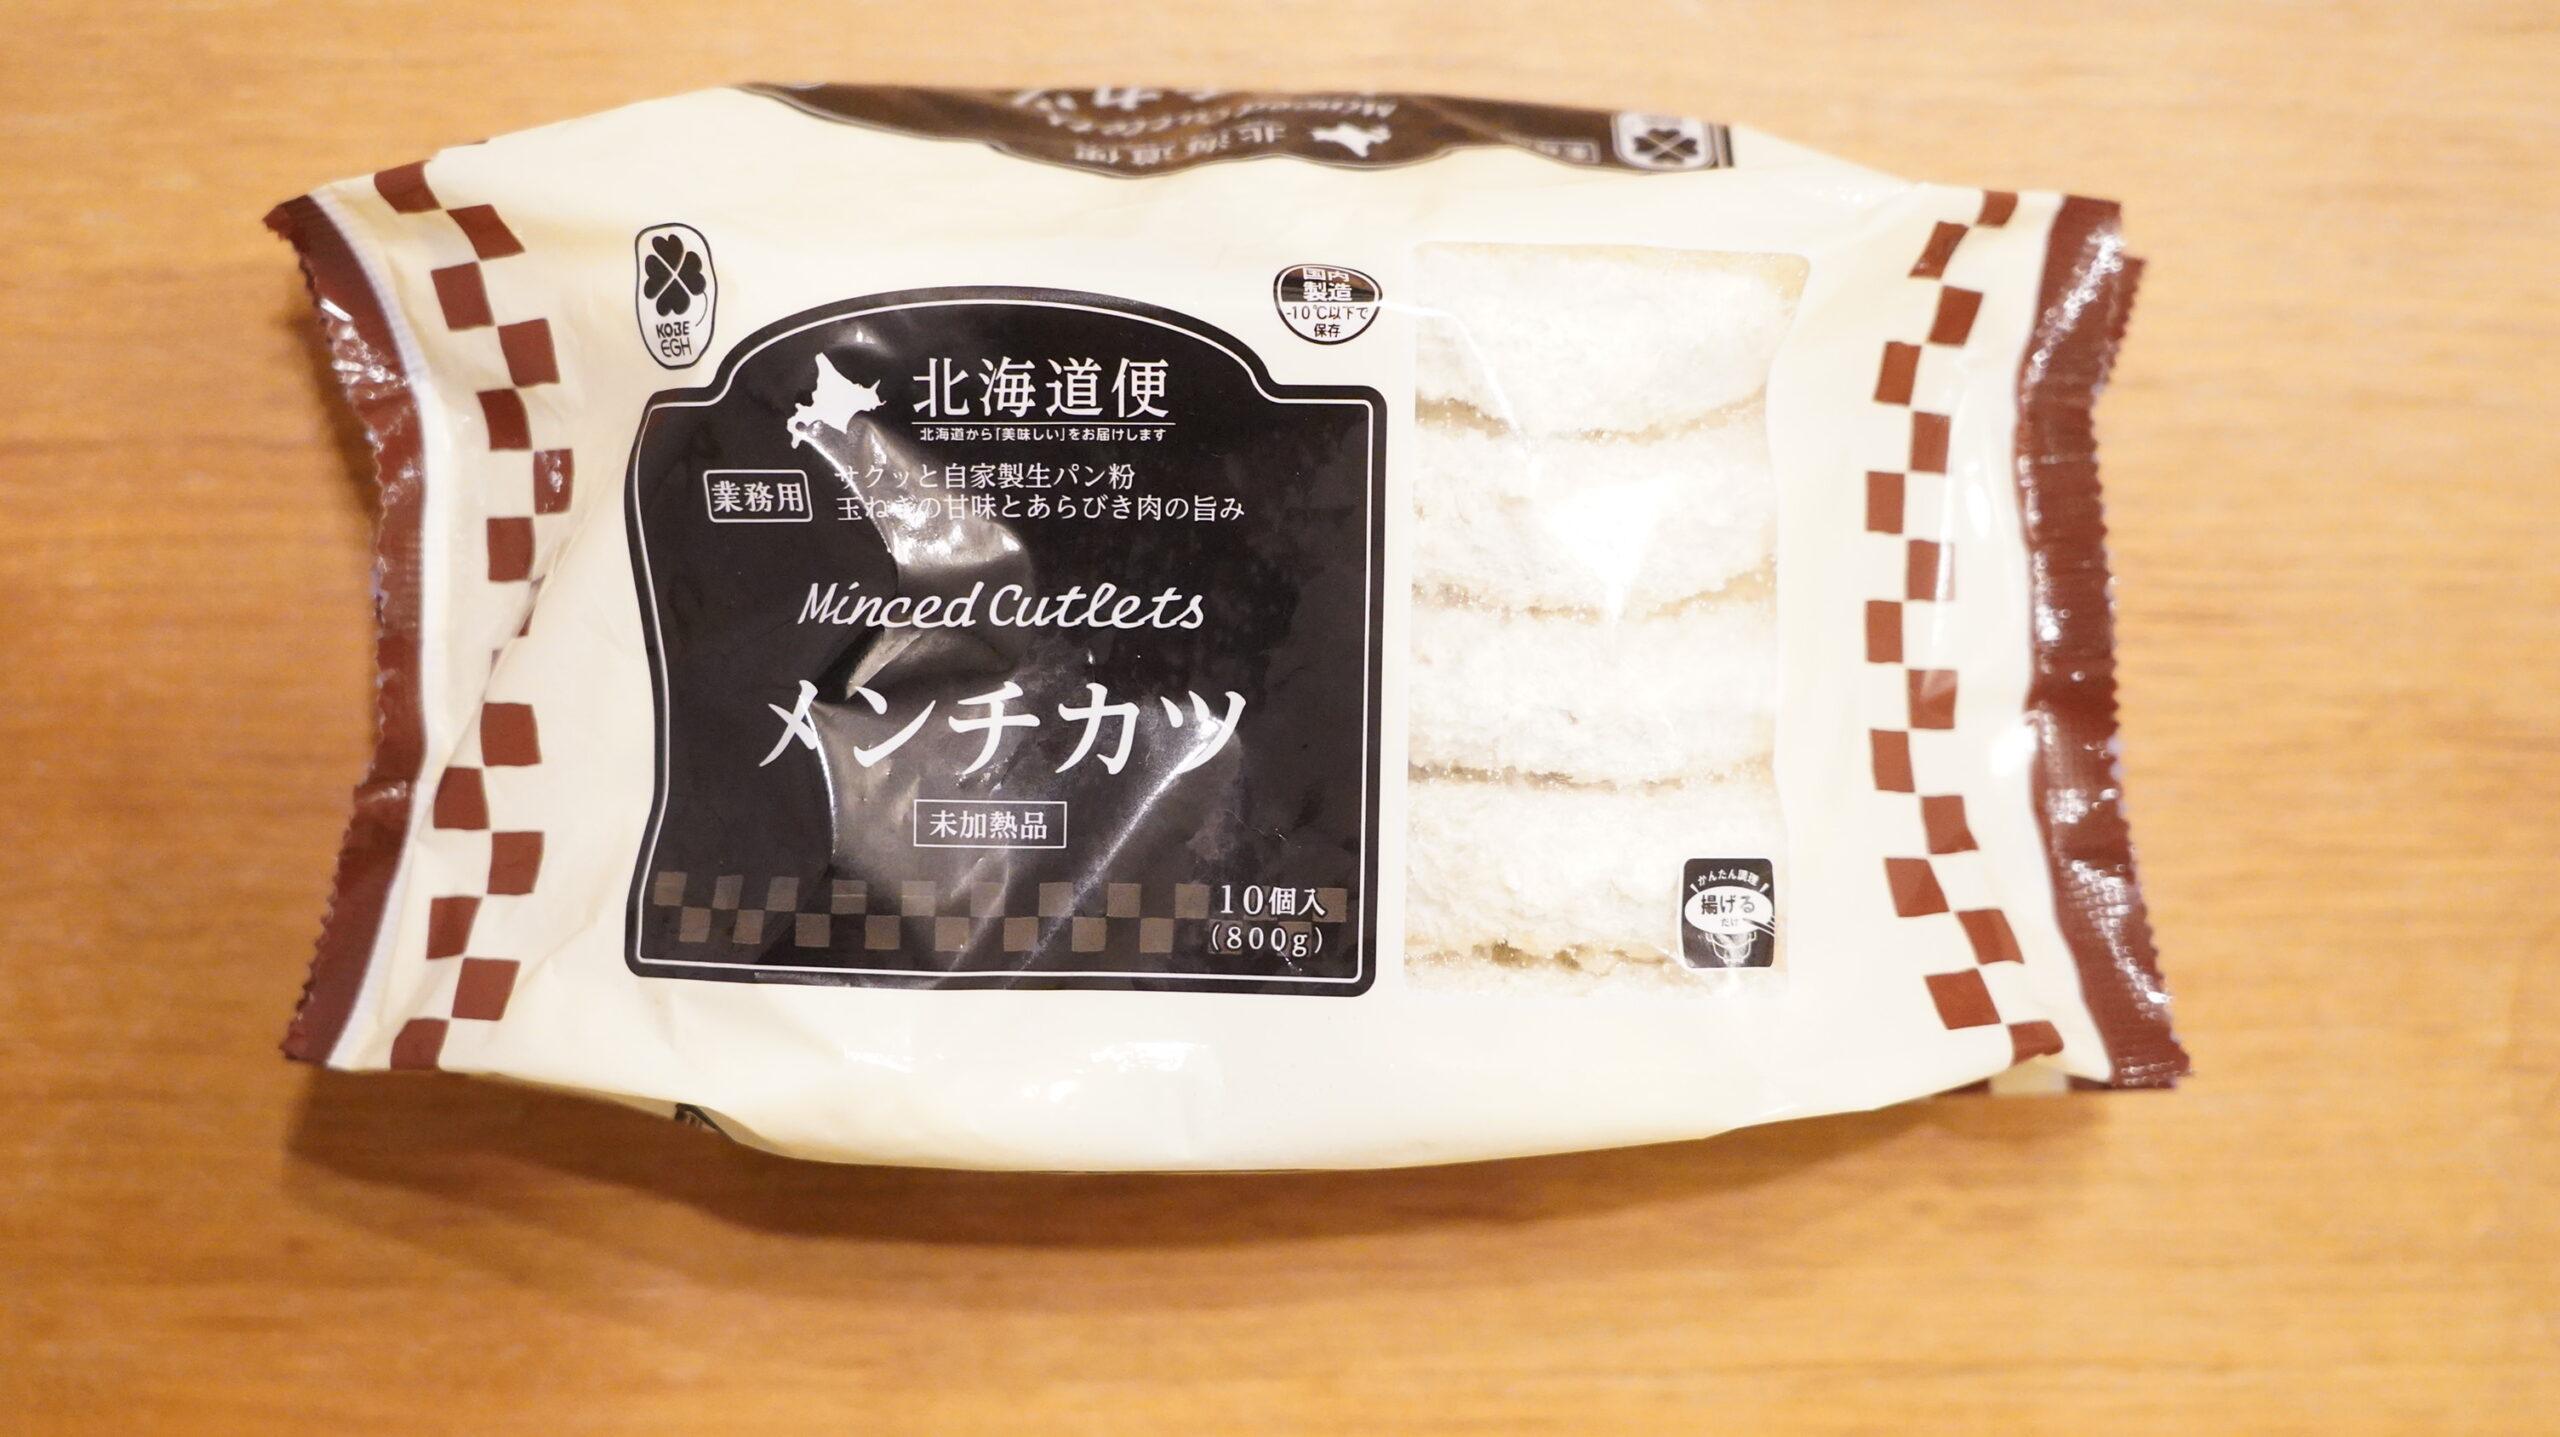 業務スーパーのおすすめ冷凍食品「メンチカツ」のパッケージの写真